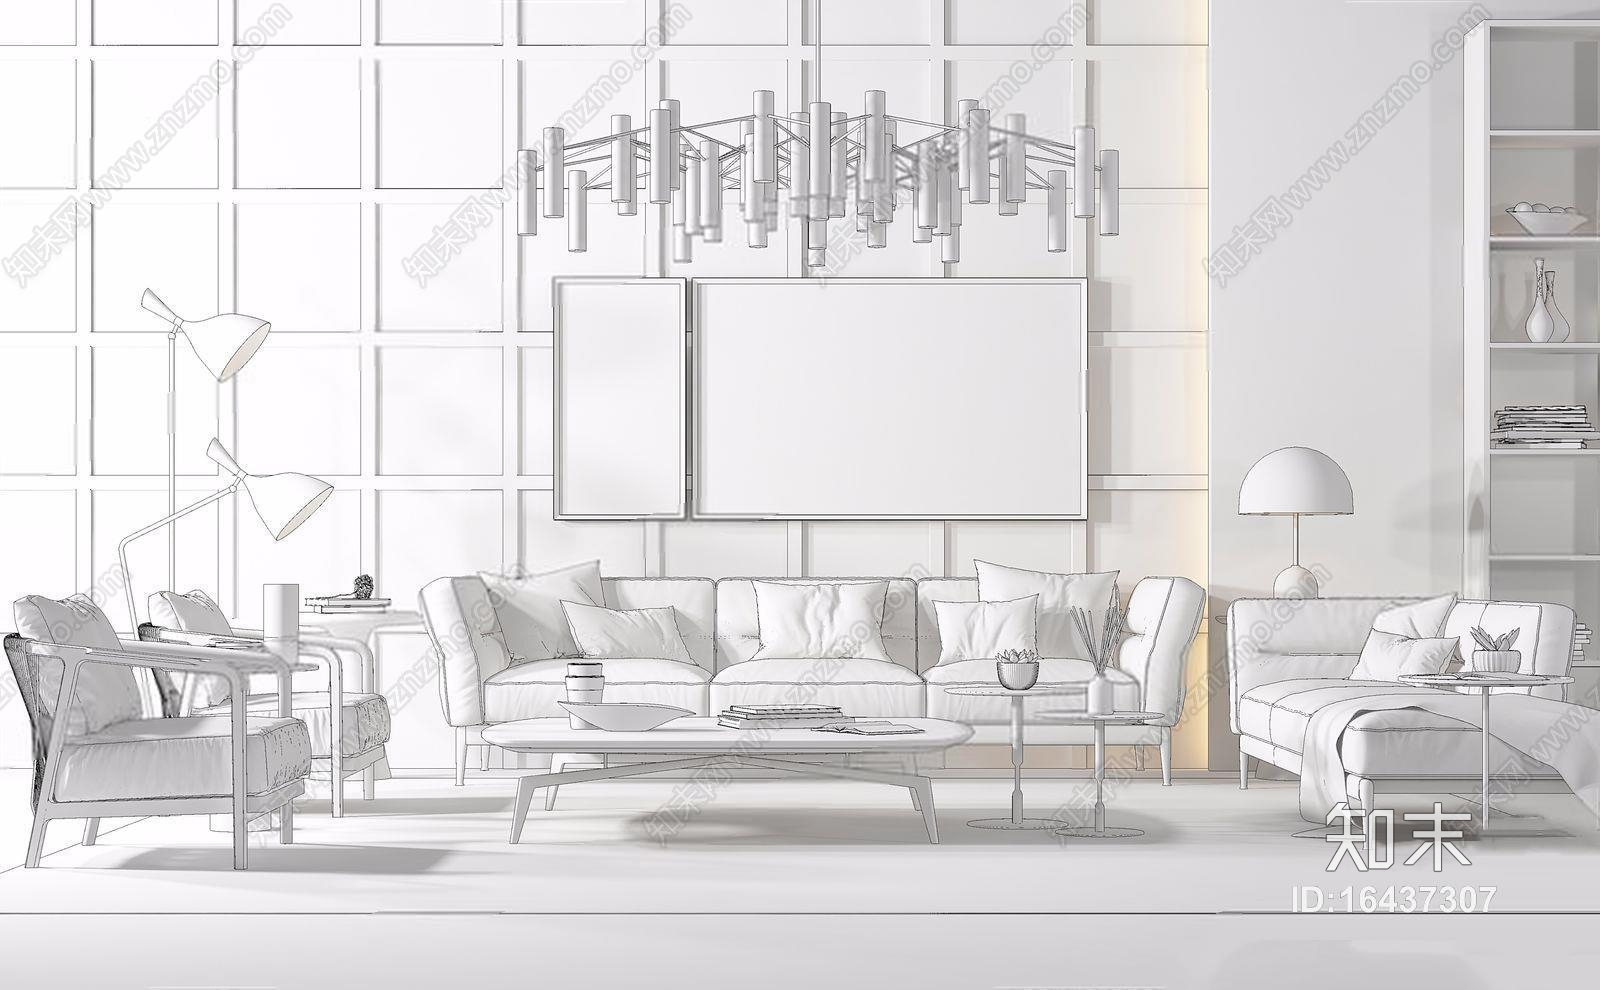 家居 家具 简笔画 沙发 手绘 线稿 装修 1600_990